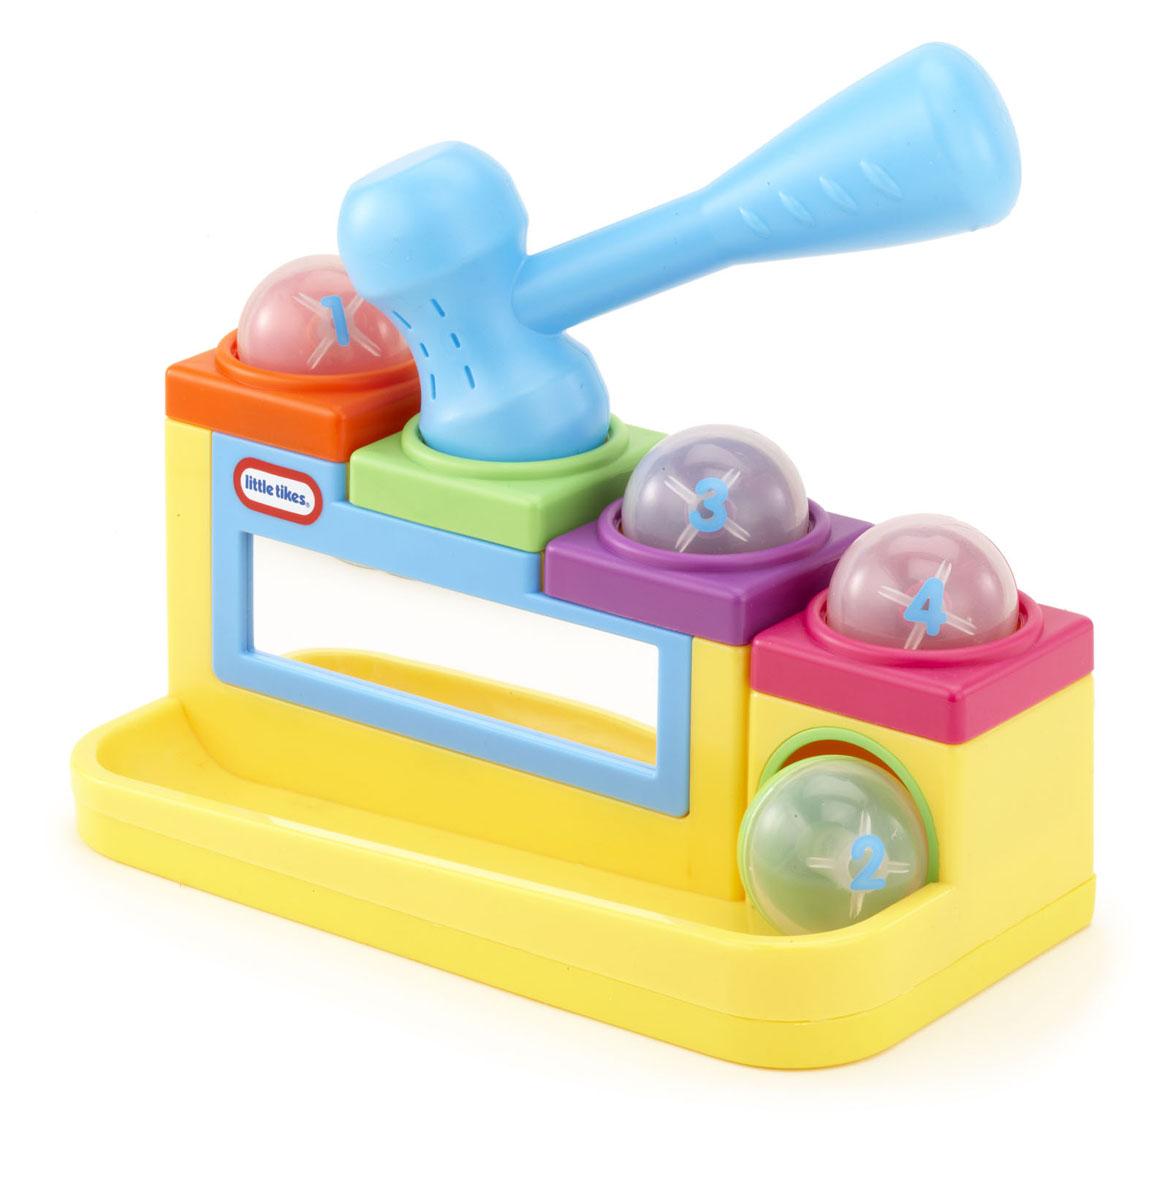 Развивающая игрушка Little Tikes Наковальня634901Развивающая игрушка Little Tikes Наковальня представляет собой пластиковое основание - наковальню с отверстиями, в которые забиваются шарики, проваливаясь и сказываясь по направляющей, для того, чтобы начать играть заново. В комплект входят четыре шарика, молоток и основание-наковальня с четырьмя отверстиями и безопасным зеркалом. Яркая игрушка Little Tikes Наковальня поможет ребенку в развитии пространственного мышления, цветовосприятия, ловкости и координации движений, а также научит различать фигуры.